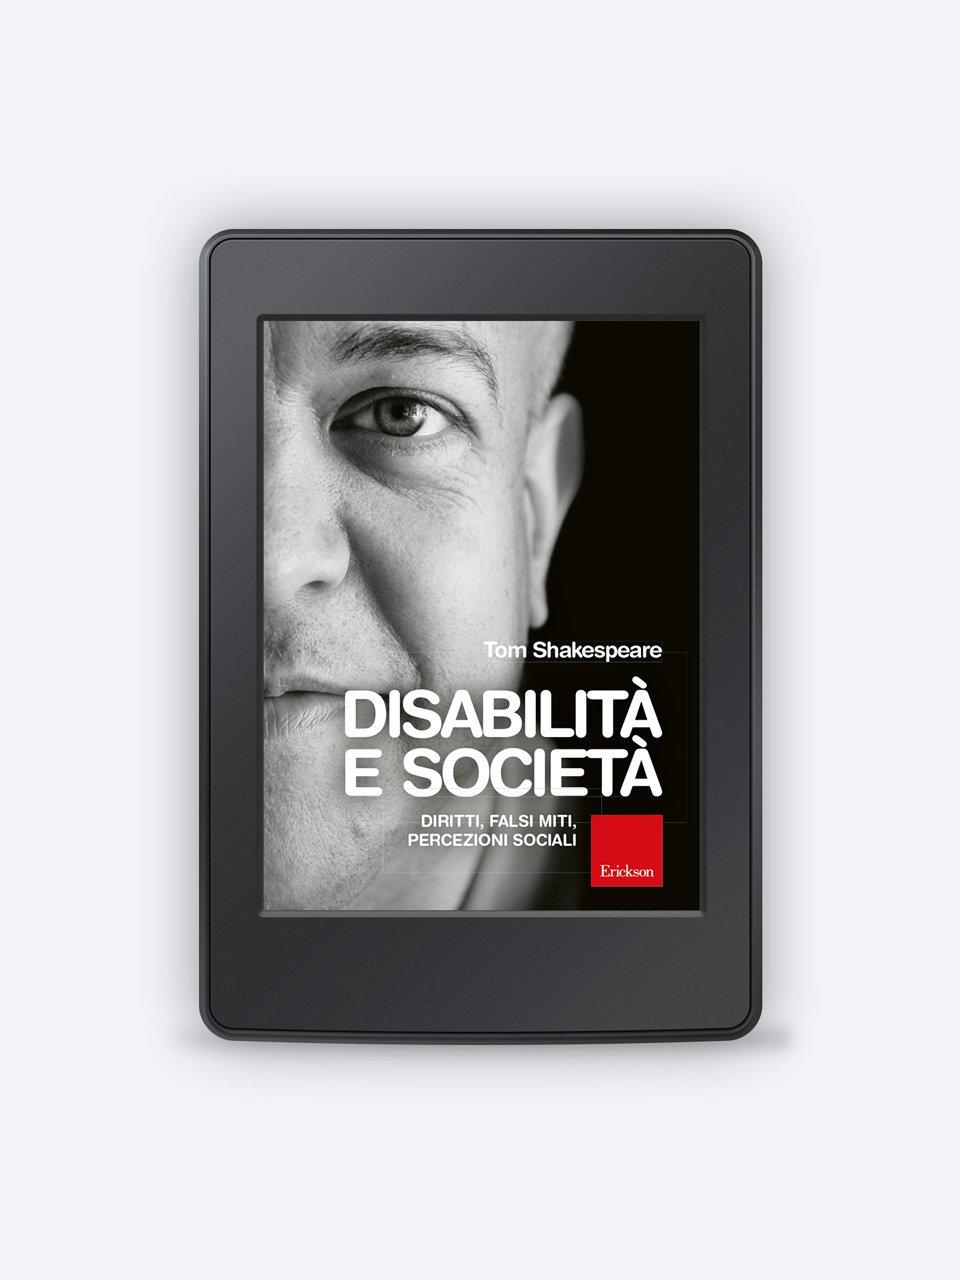 Disabilità e società - Libri - Erickson 3